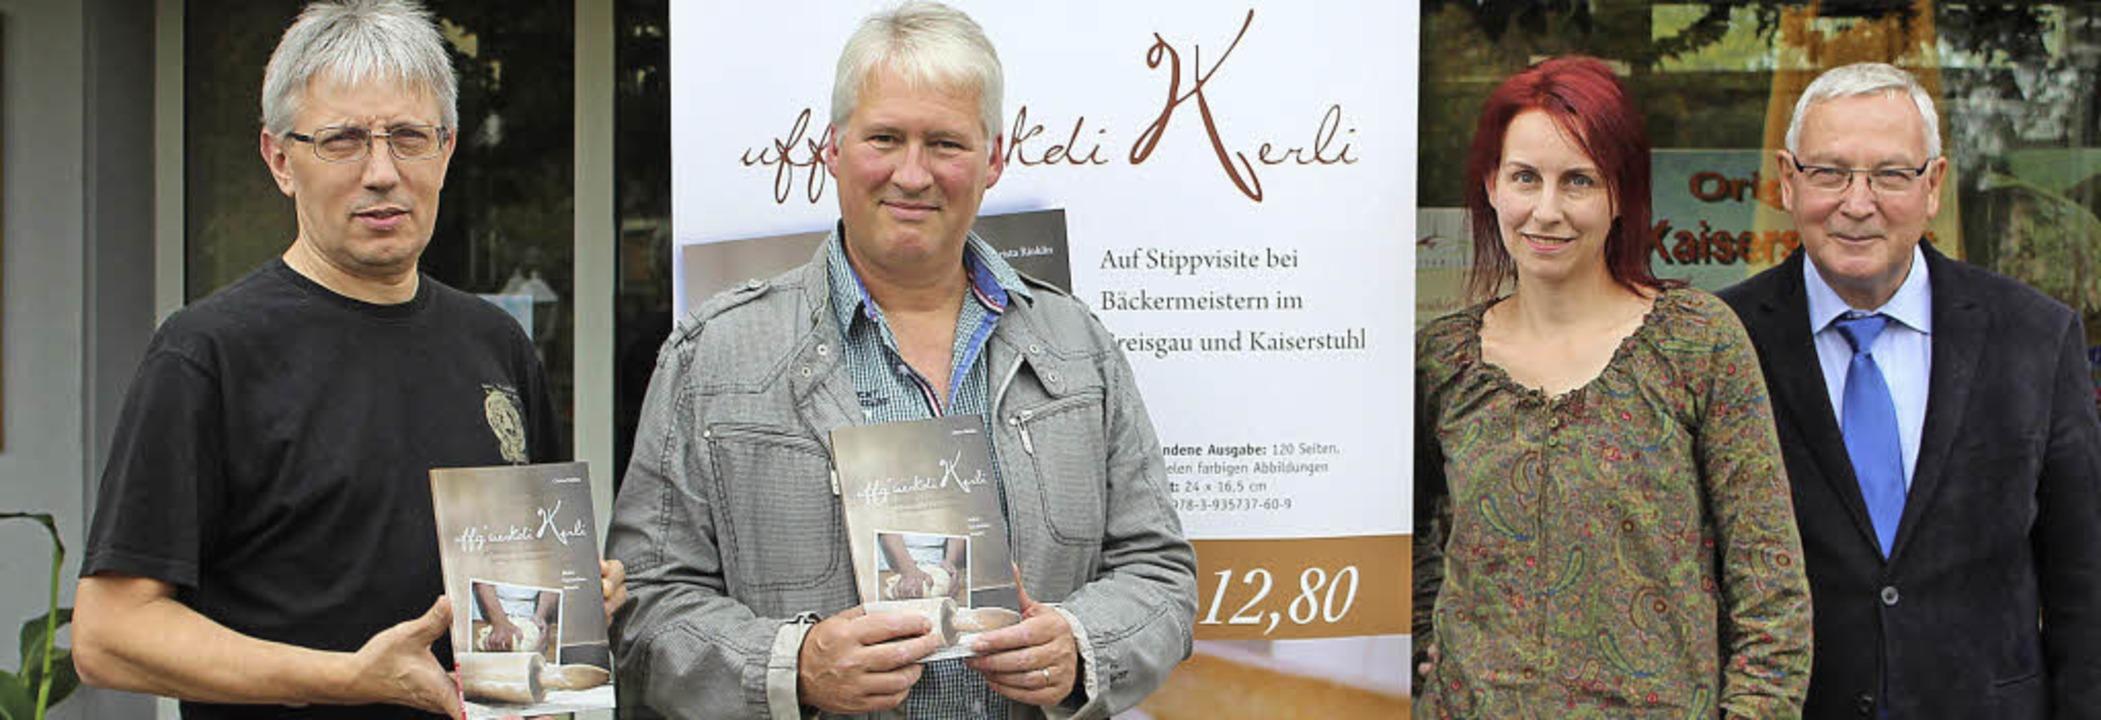 Bei der Buchpräsentation in Bötzingen,...nd dem Verleger Ernst Lavori (rechts).  | Foto: Mario Schöneberg